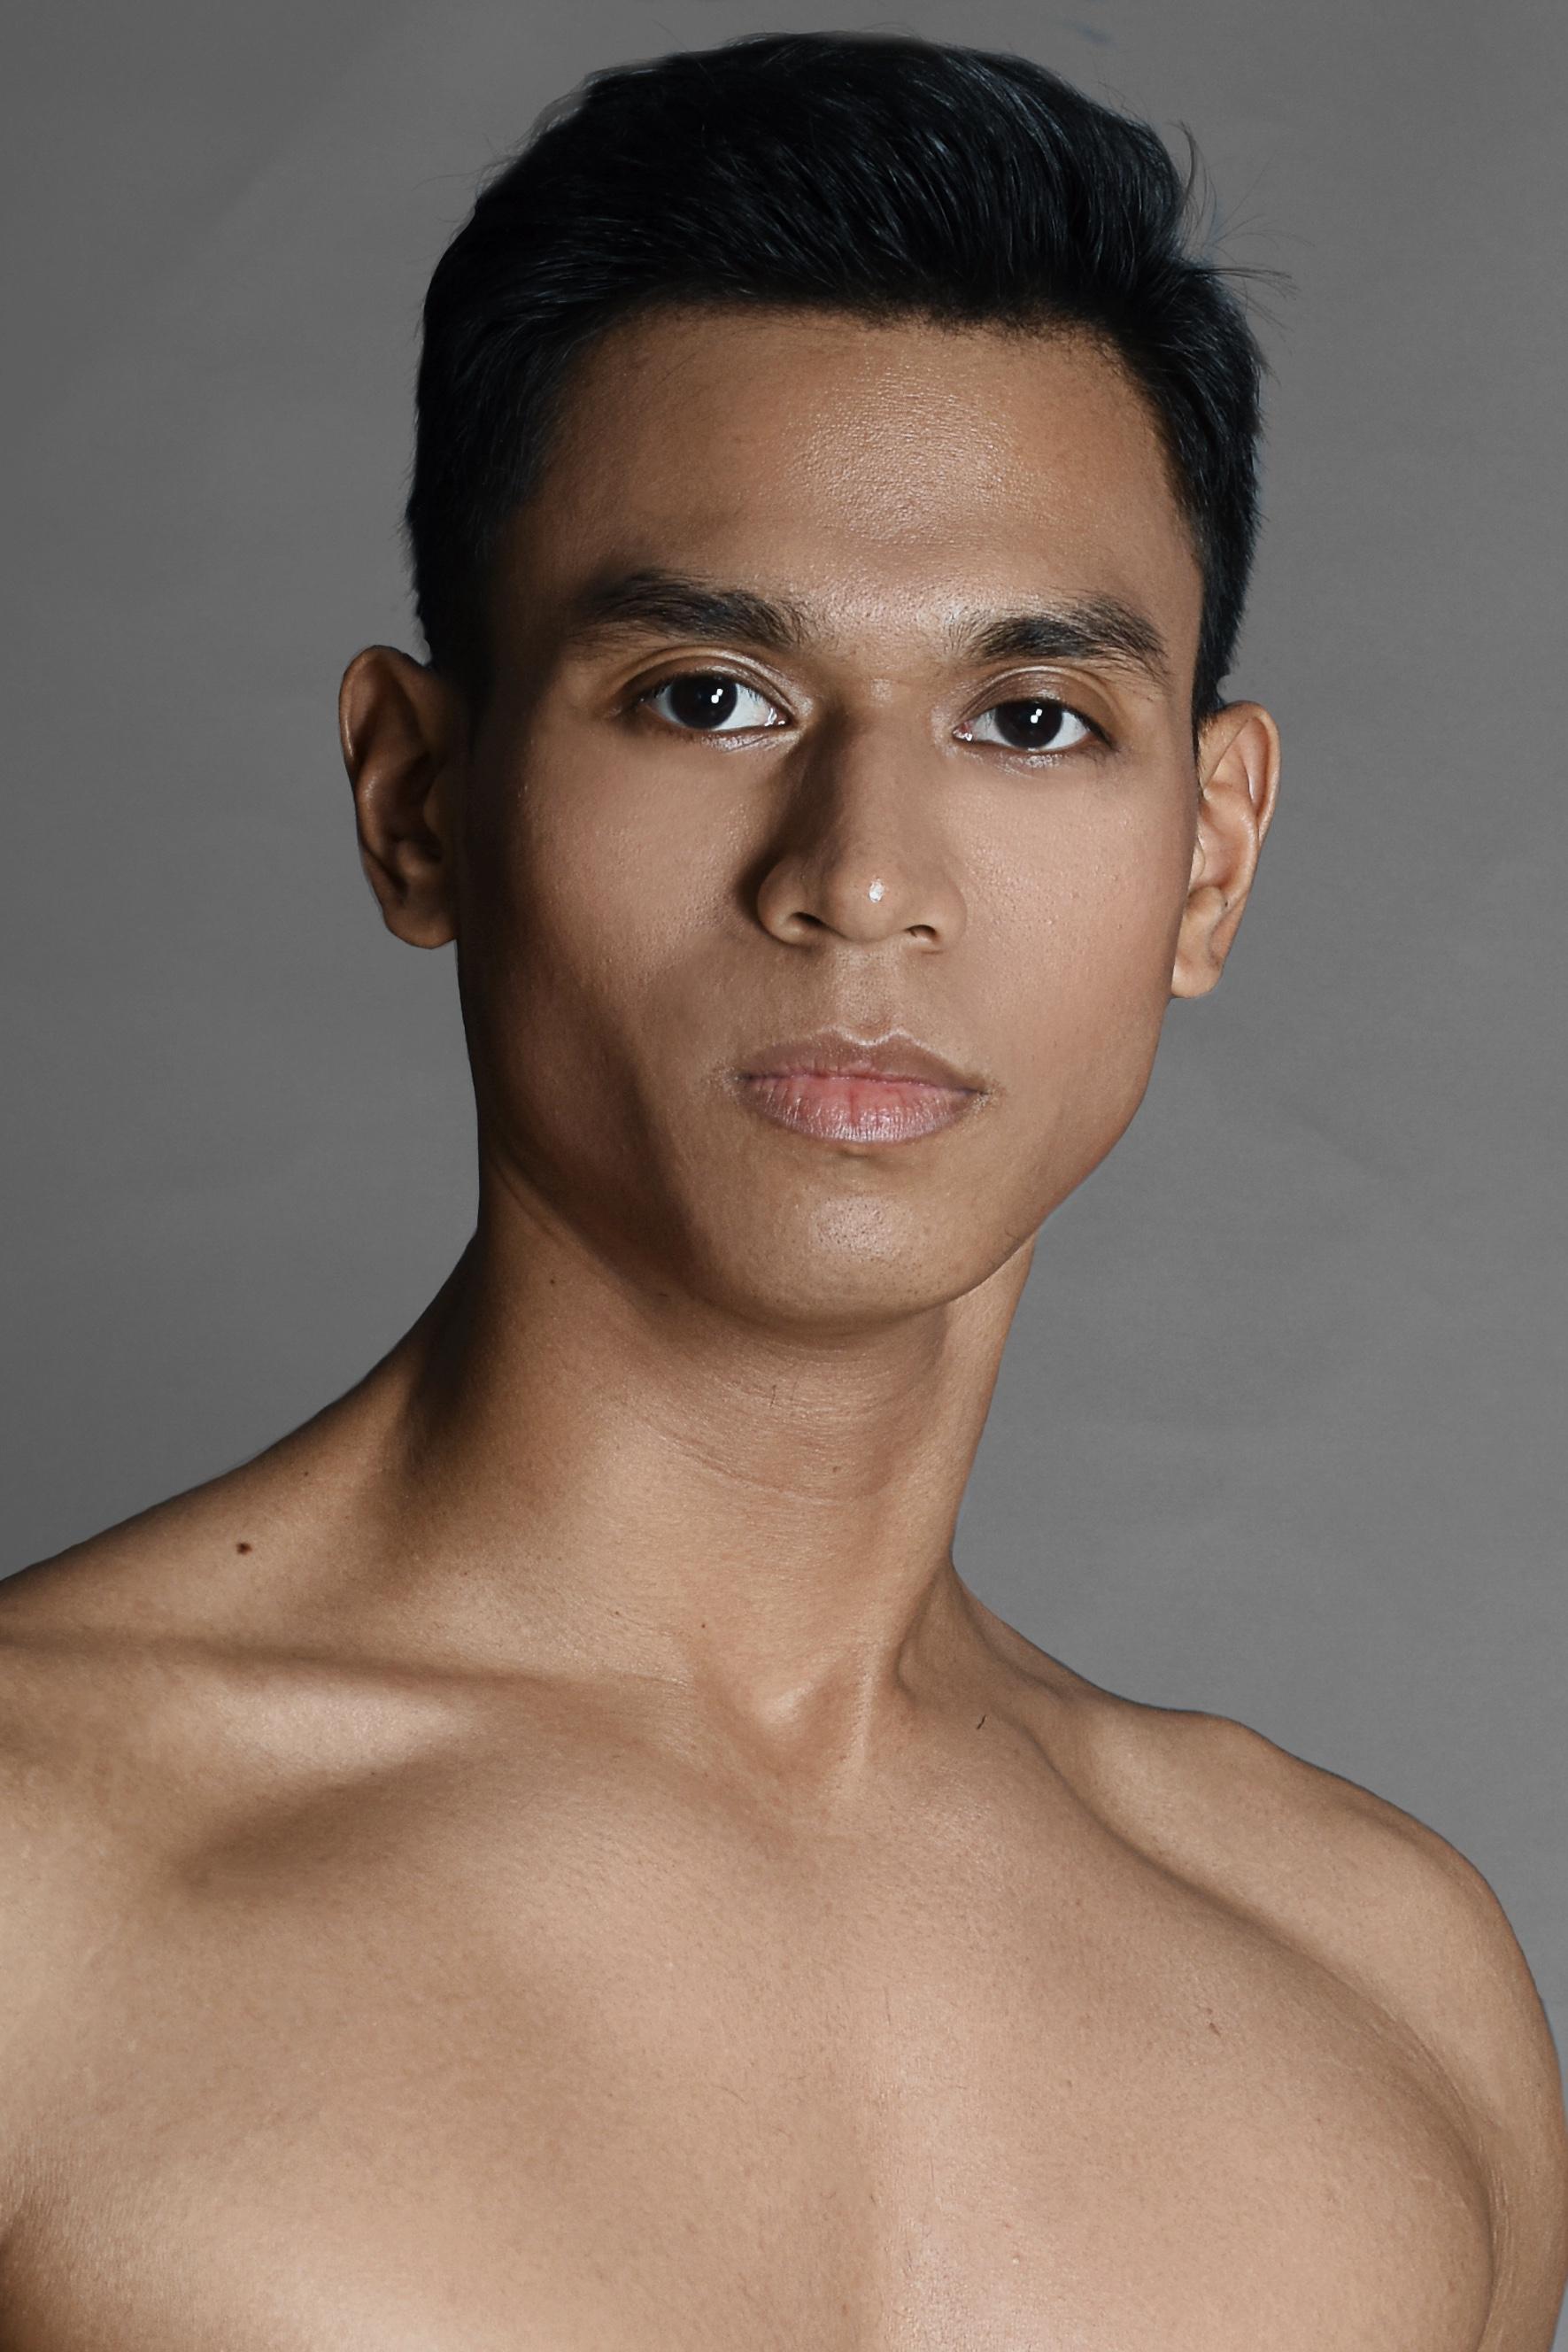 Risyad Salman